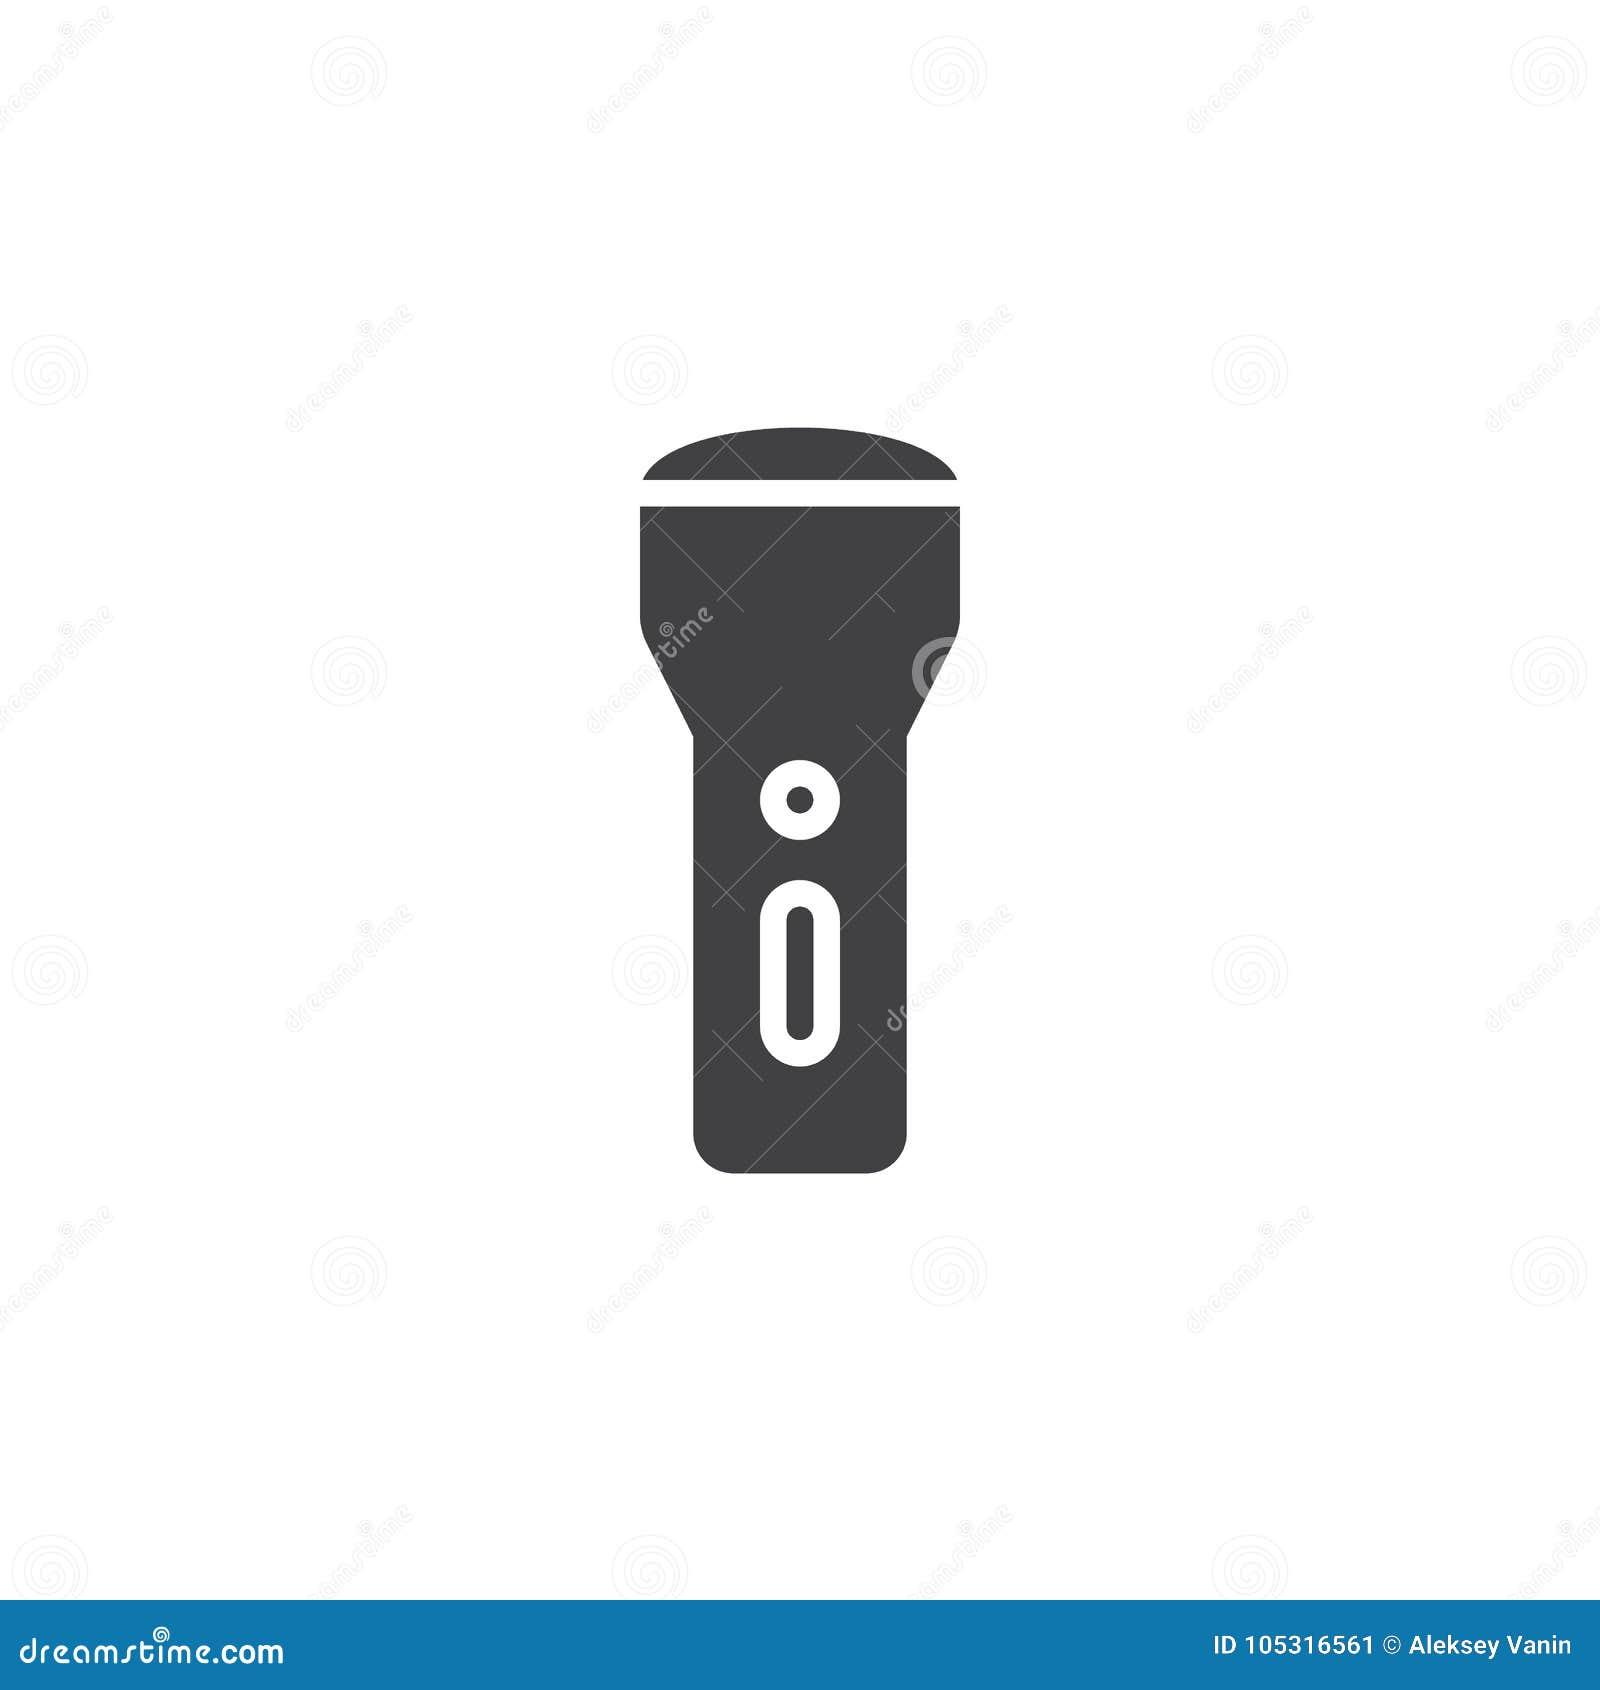 D'icône Illustration De Vecteur Lampe Torche Srtchqdx roBdxCe